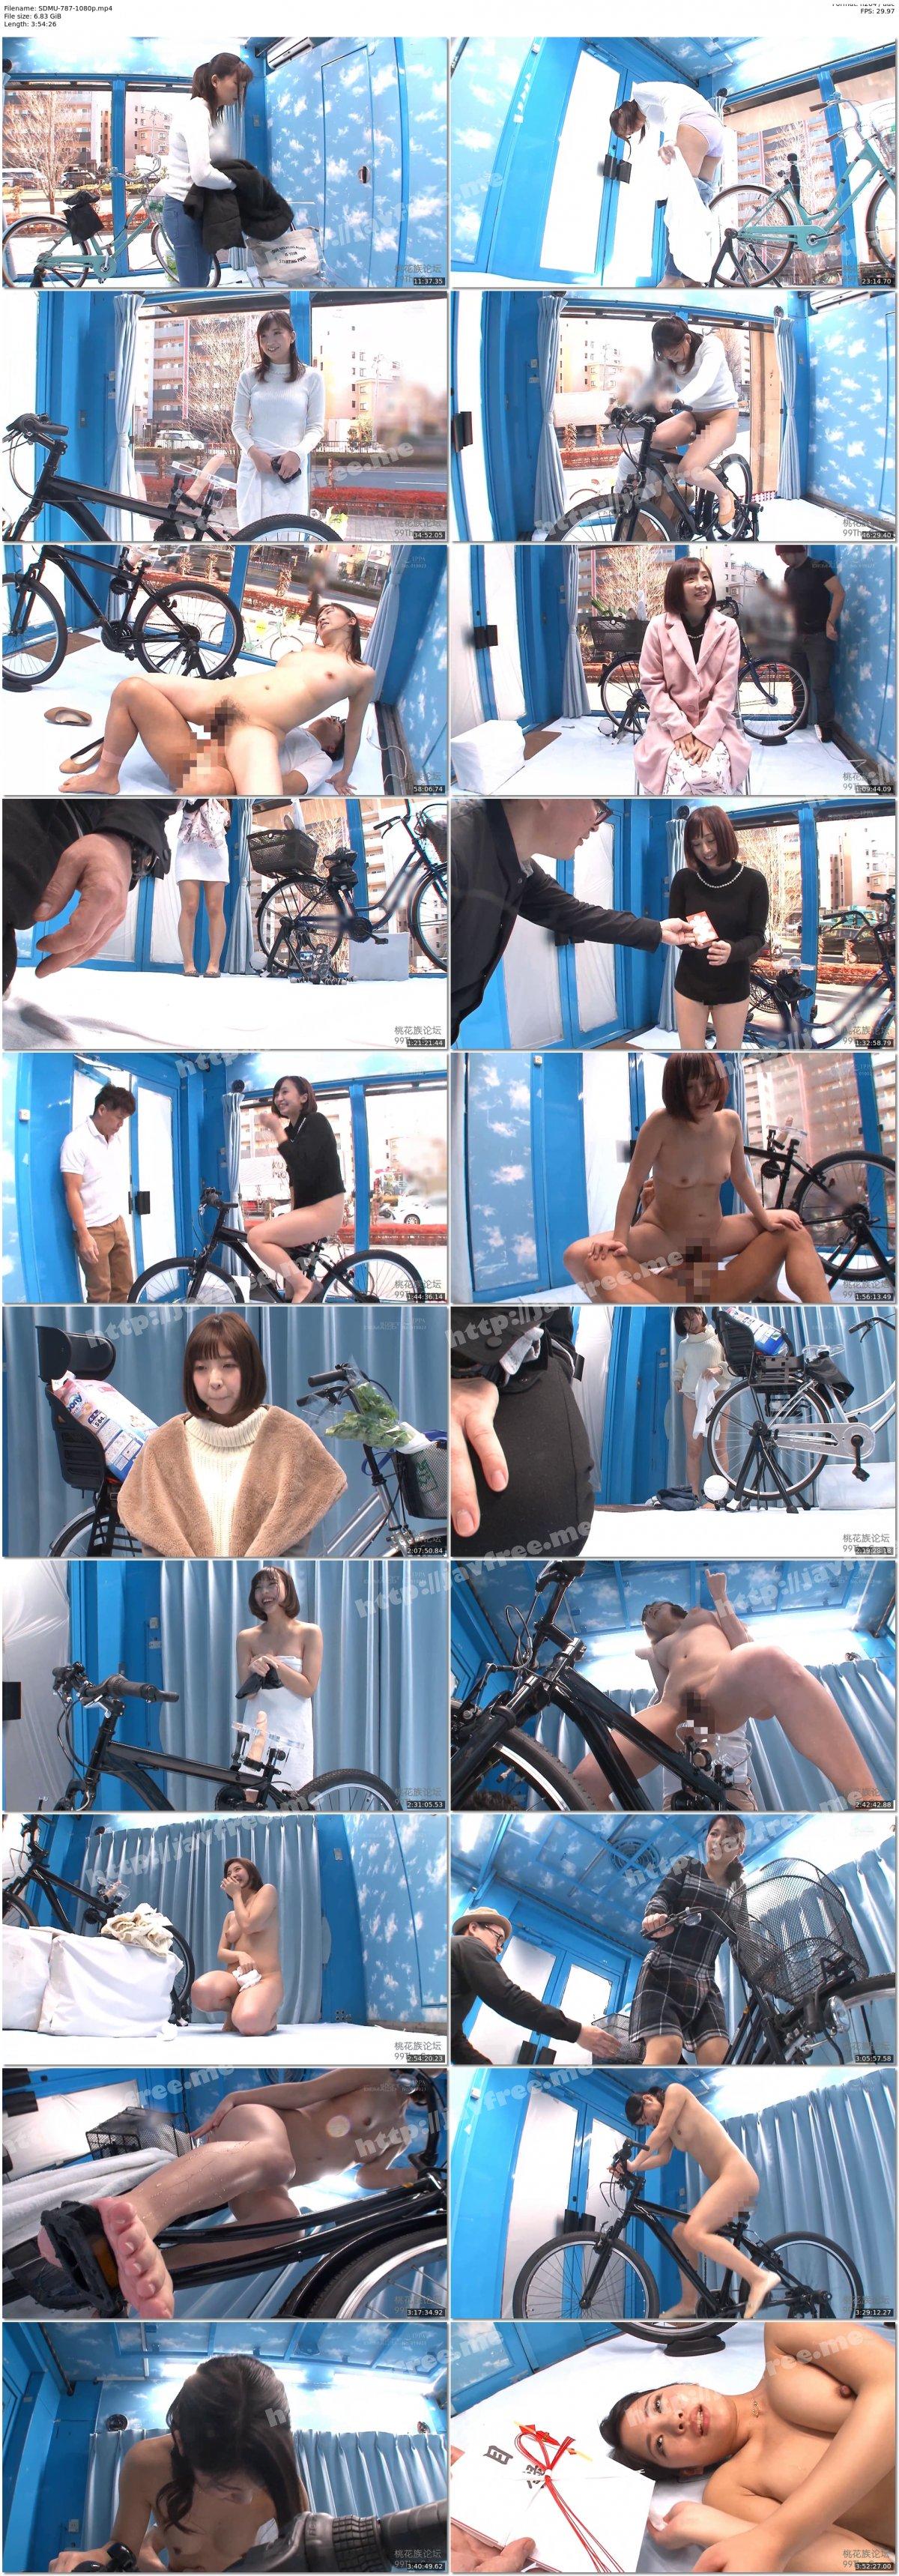 [HD][SDMU-787] マジックミラー号×アクメ自転車 ママチャリ人妻限定!「みんな私の方を見てる気がするんですけど…」公衆の面前!?でイキまくる!ハリガタピストンで大量潮吹き絶頂アクメ!!